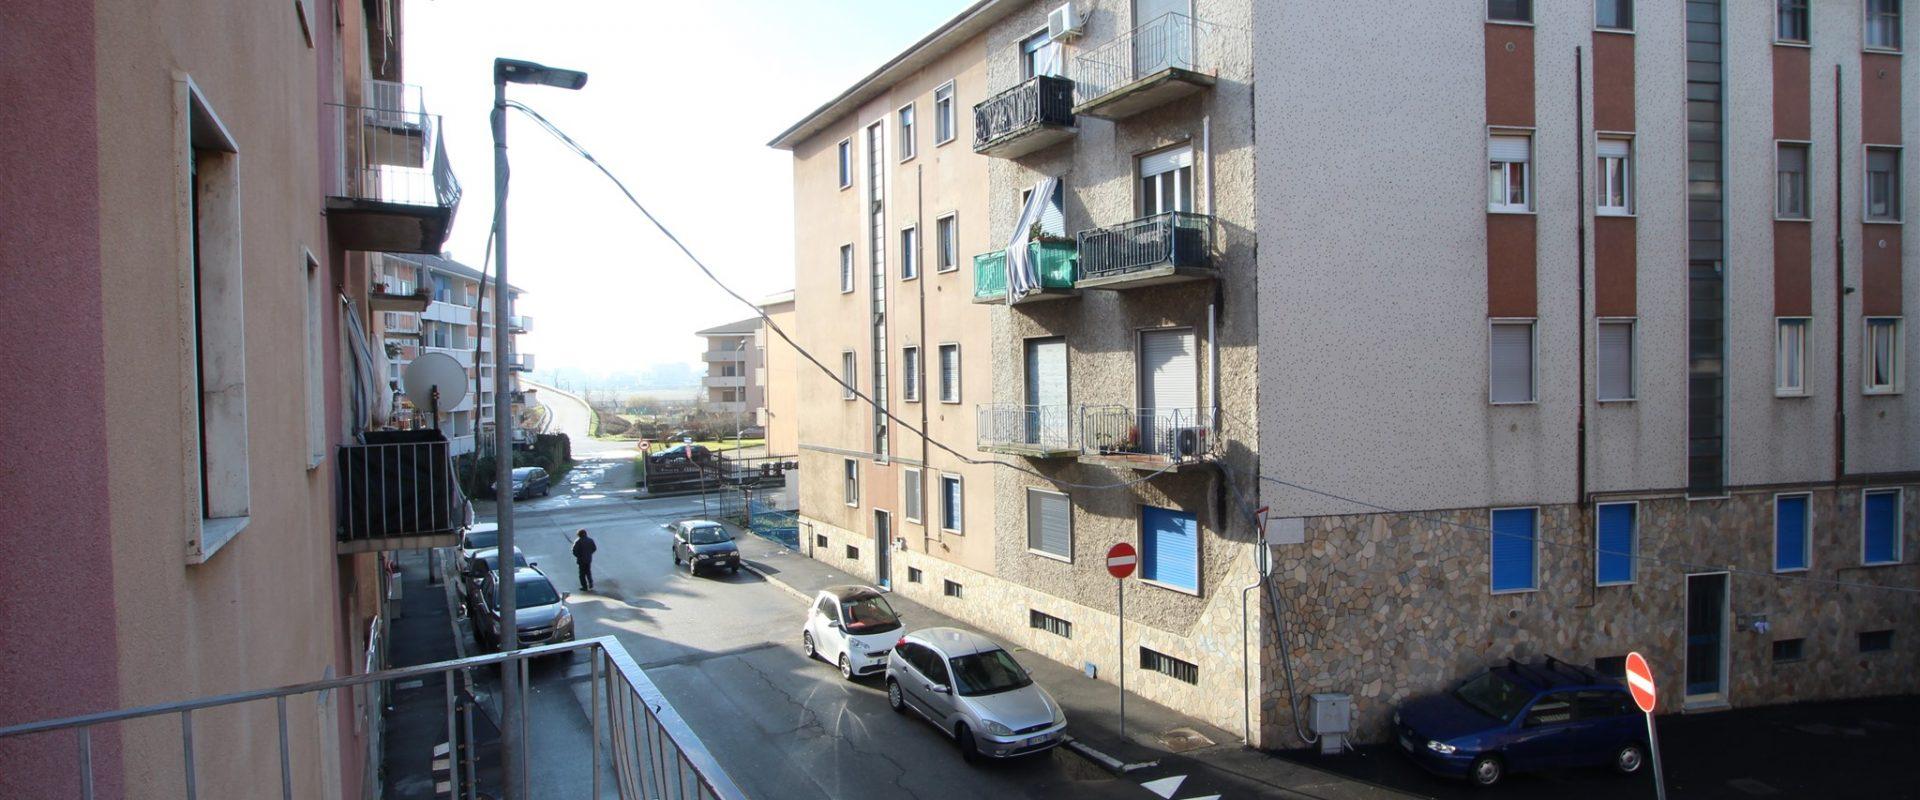 Trilocale da ristrutturare a Novara